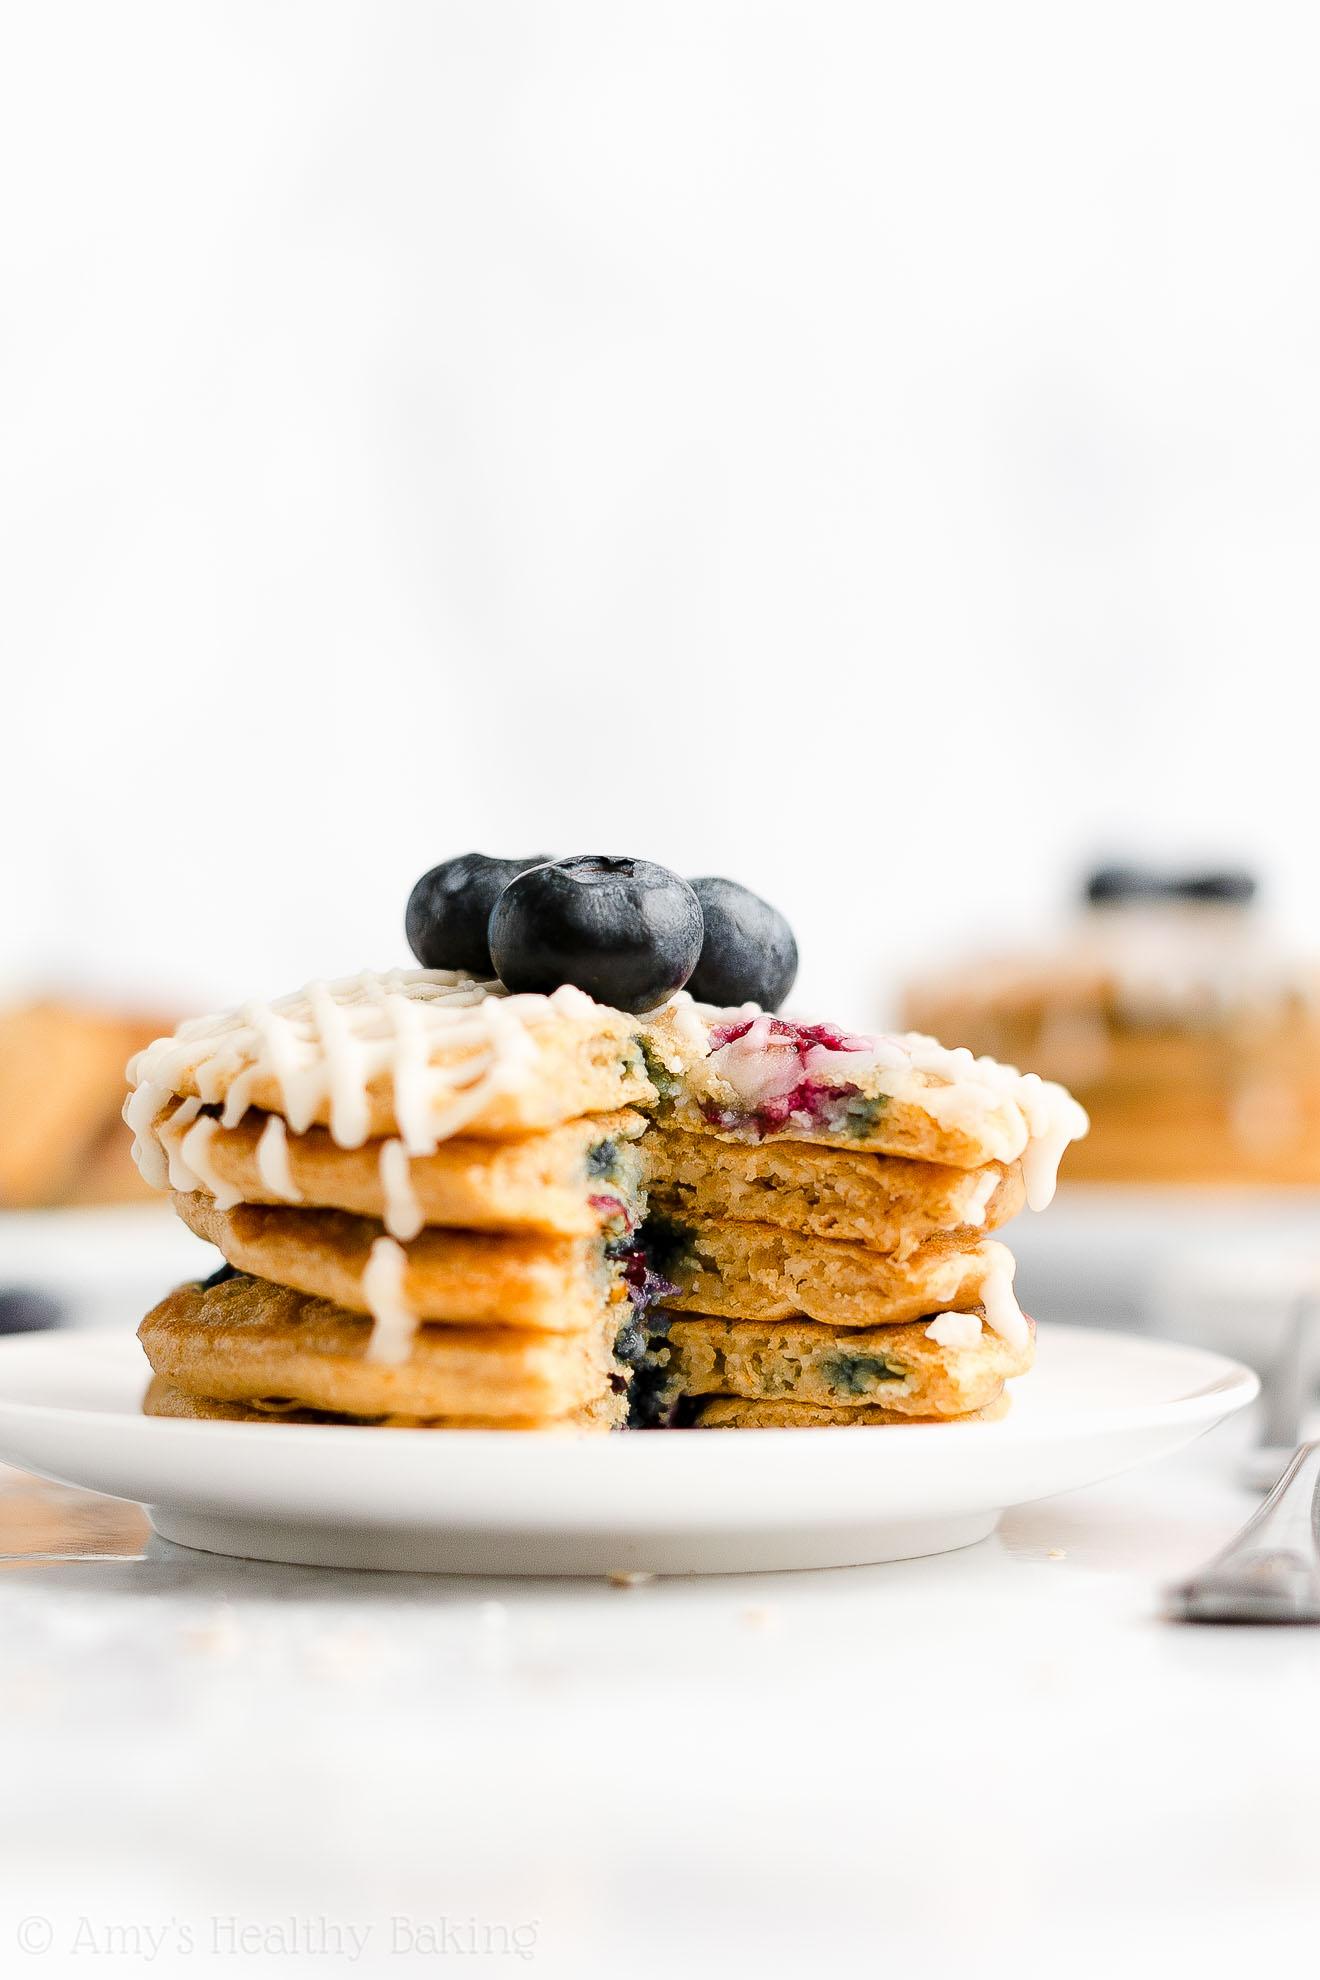 Best Easy Healthy Low Calorie Fluffy Greek Yogurt Blueberry Oatmeal Pancakes